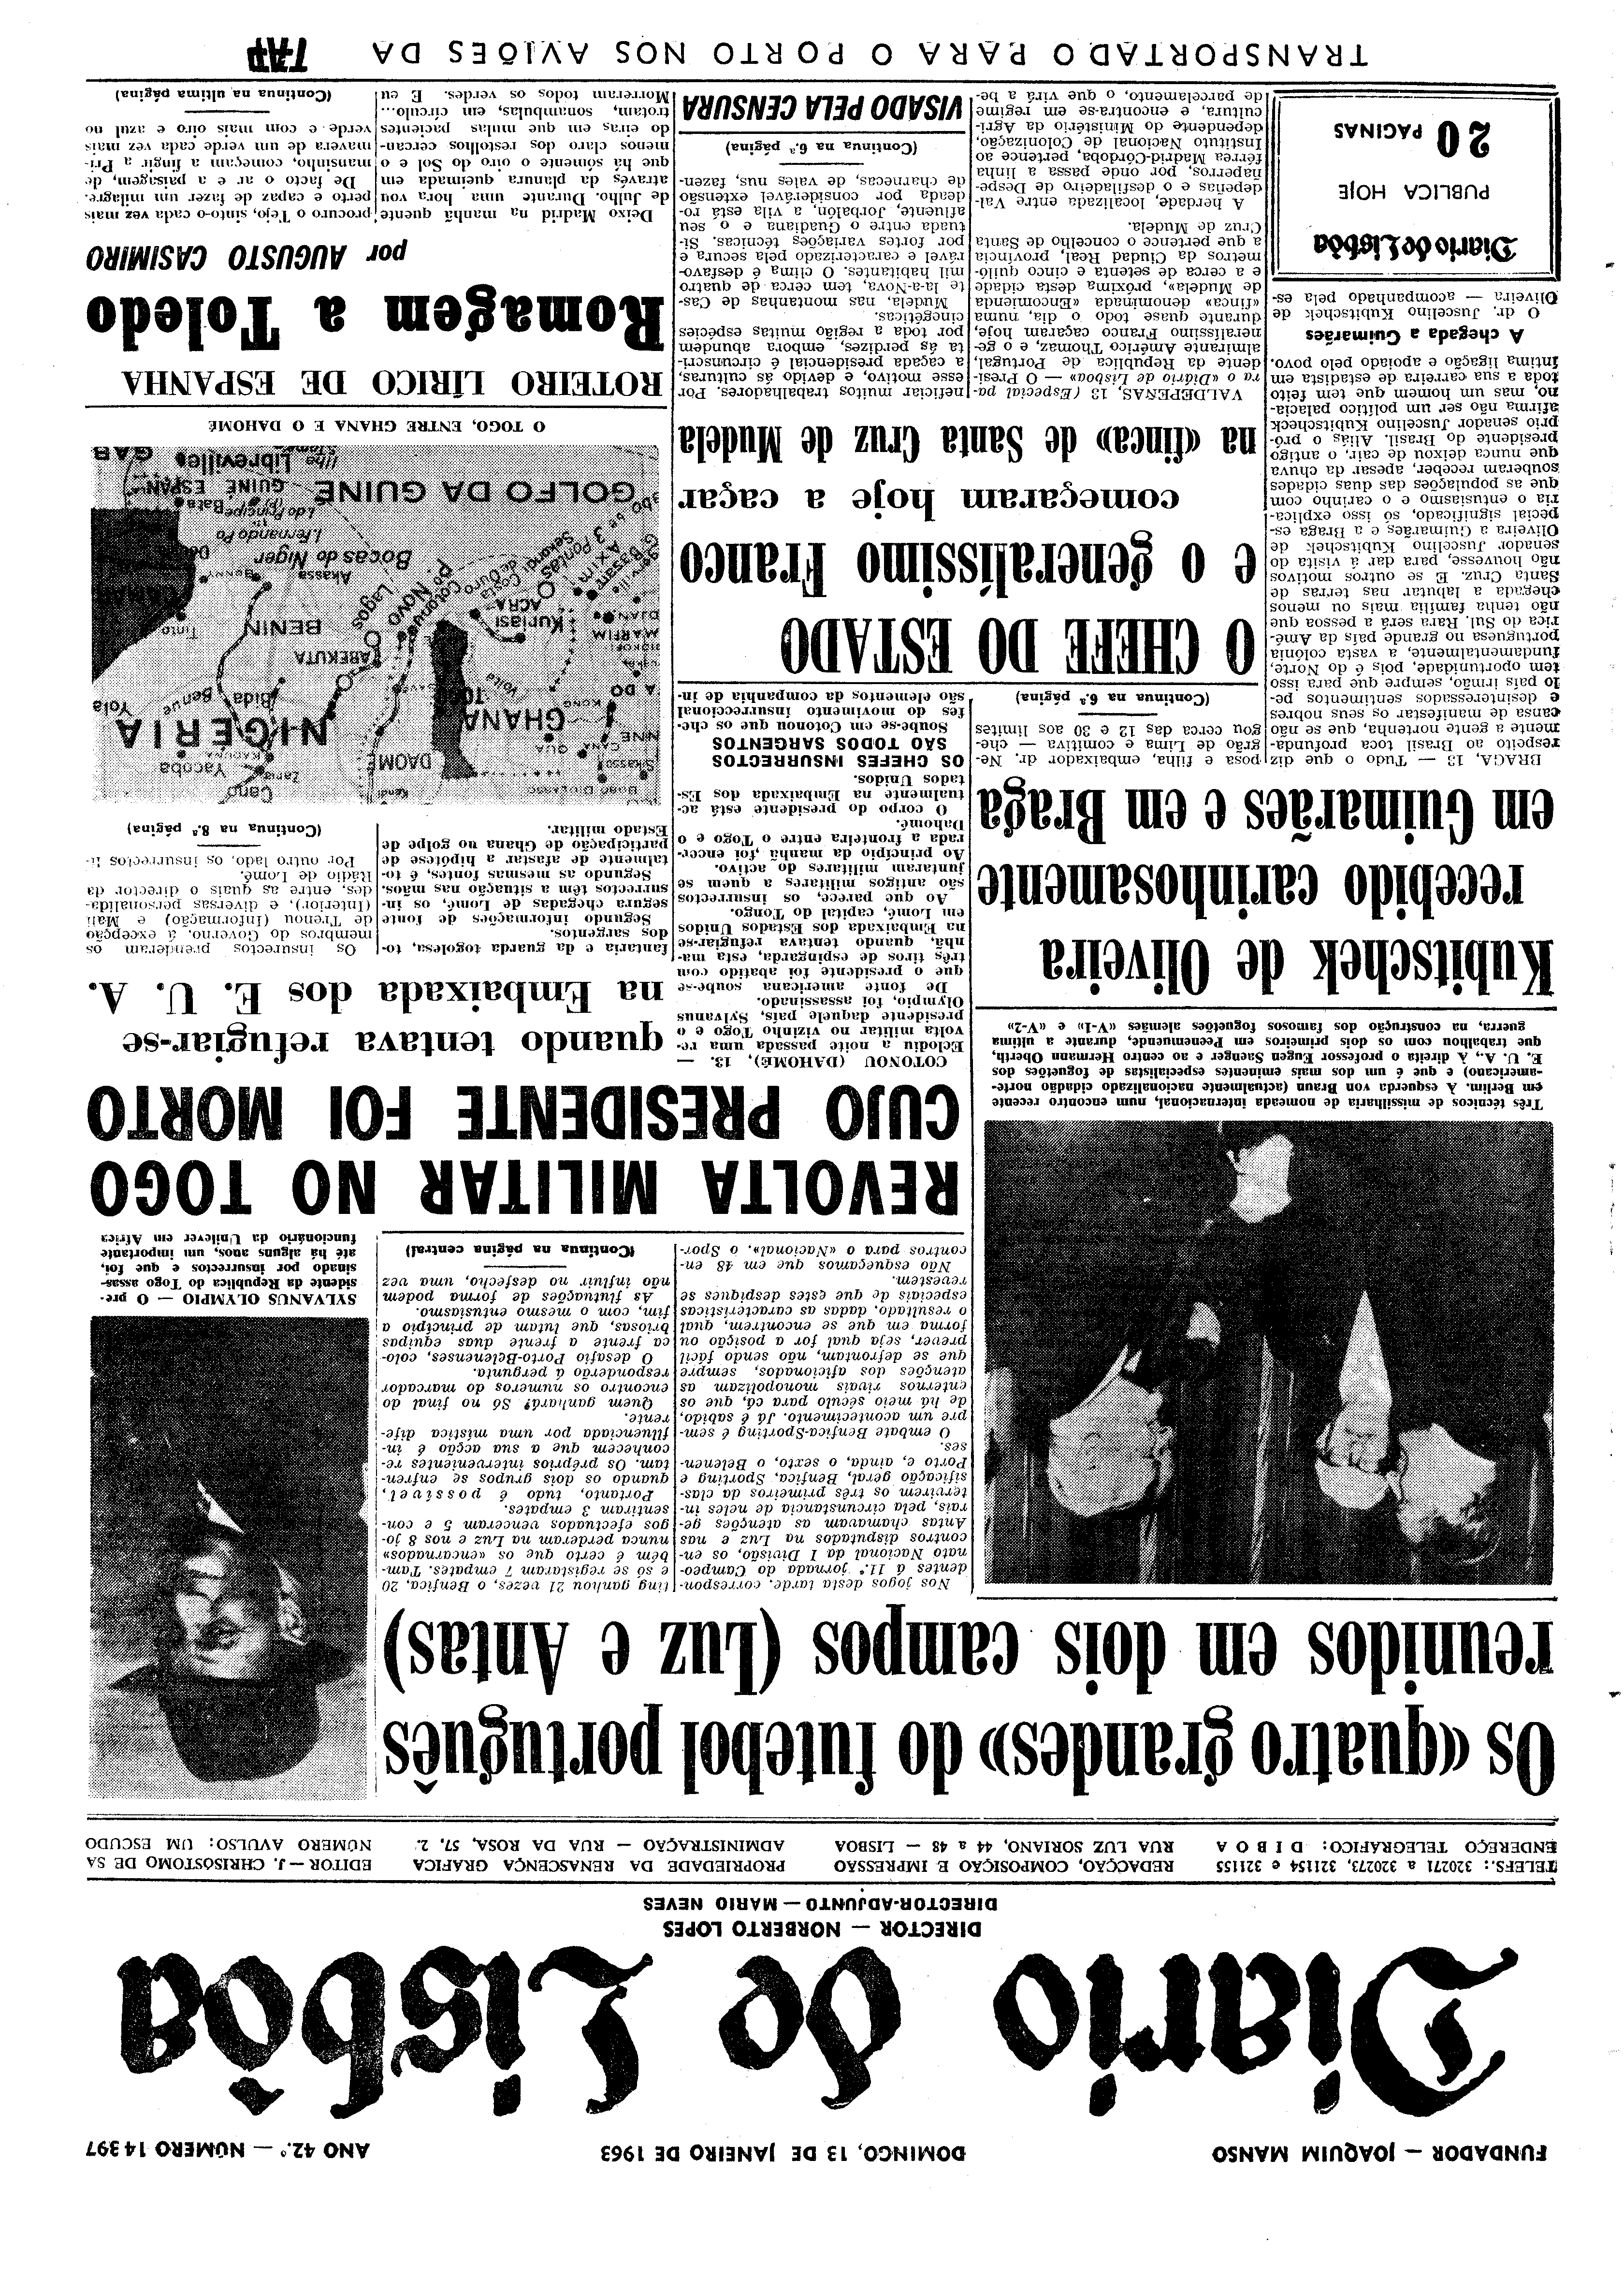 06574.085.18132- pag.1